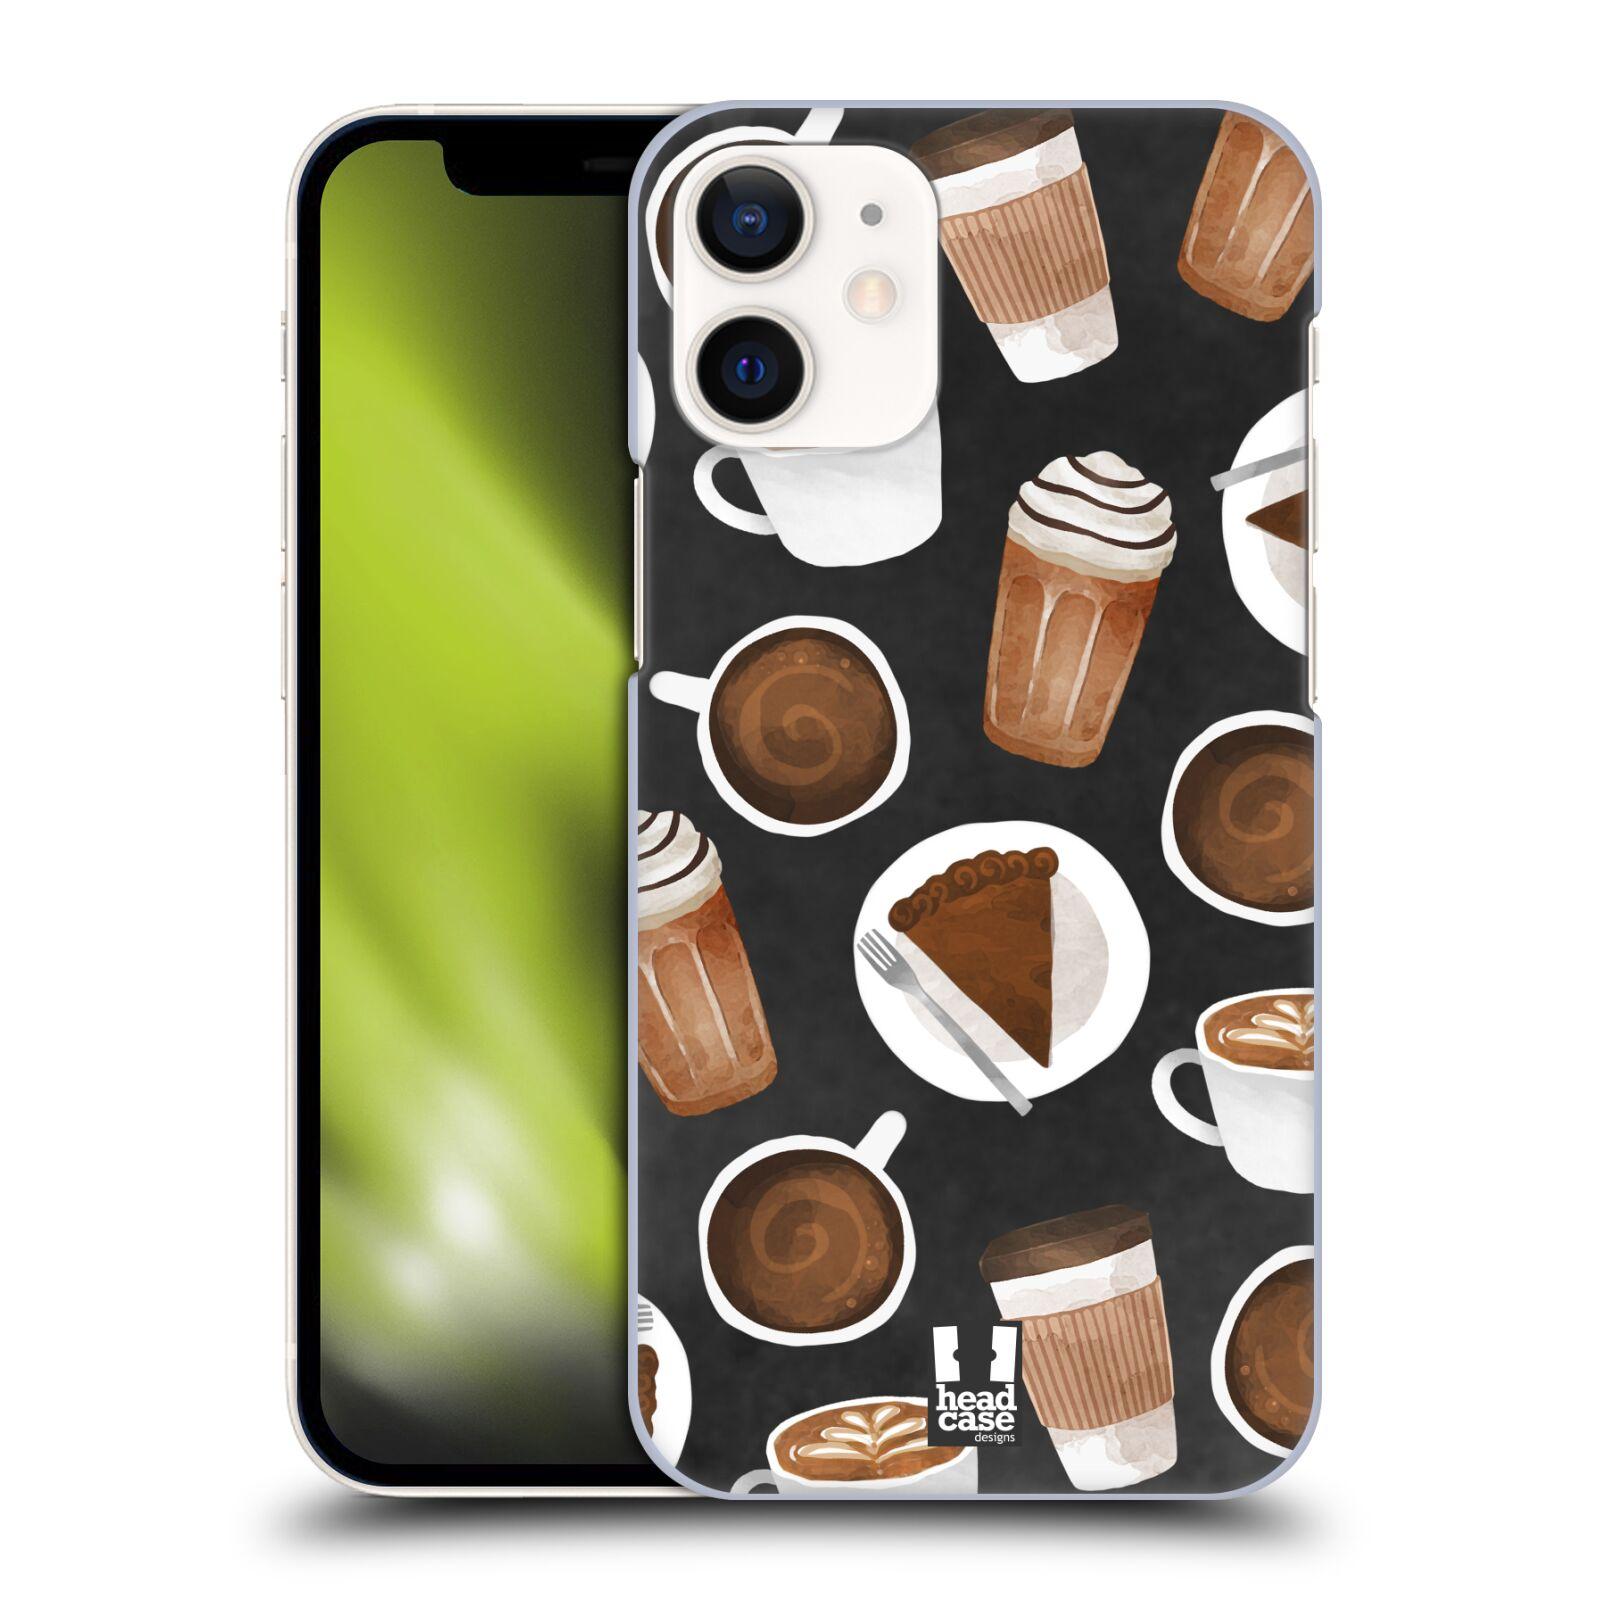 Plastové pouzdro na mobil Apple iPhone 12 Mini - Head Case - Kafíčka a dortík